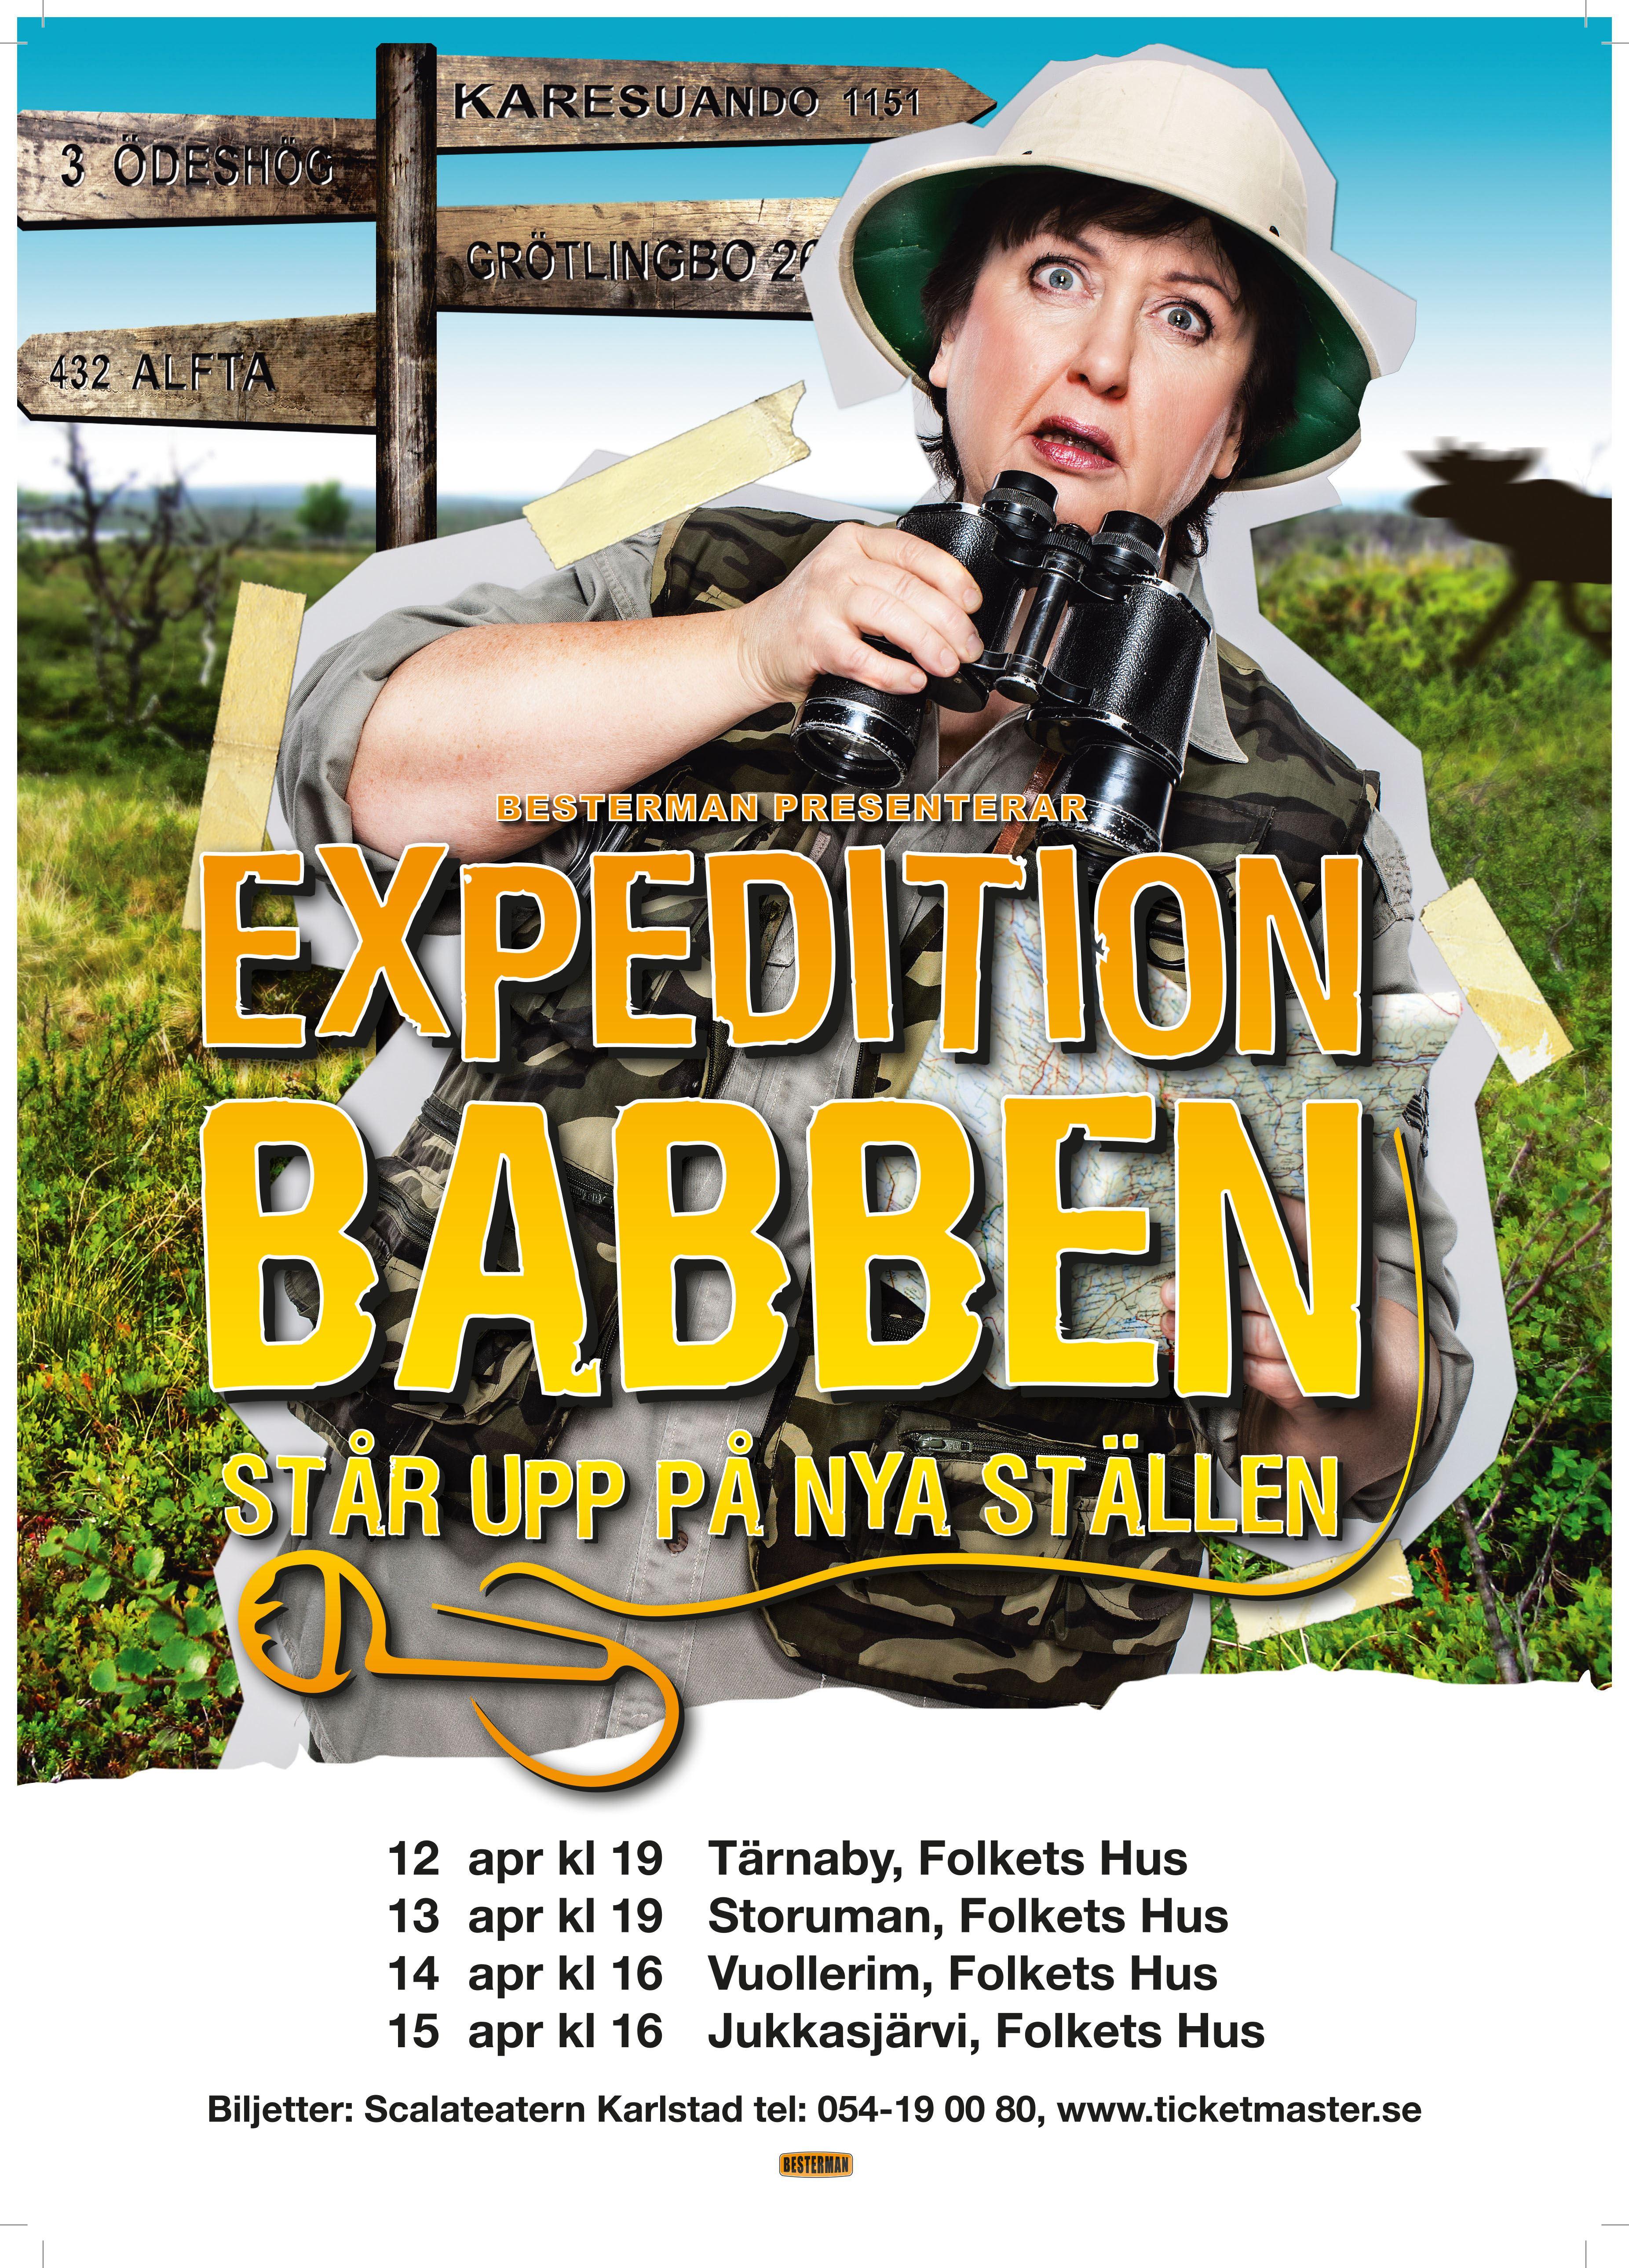 Expedition Babben - Står upp på nya ställen